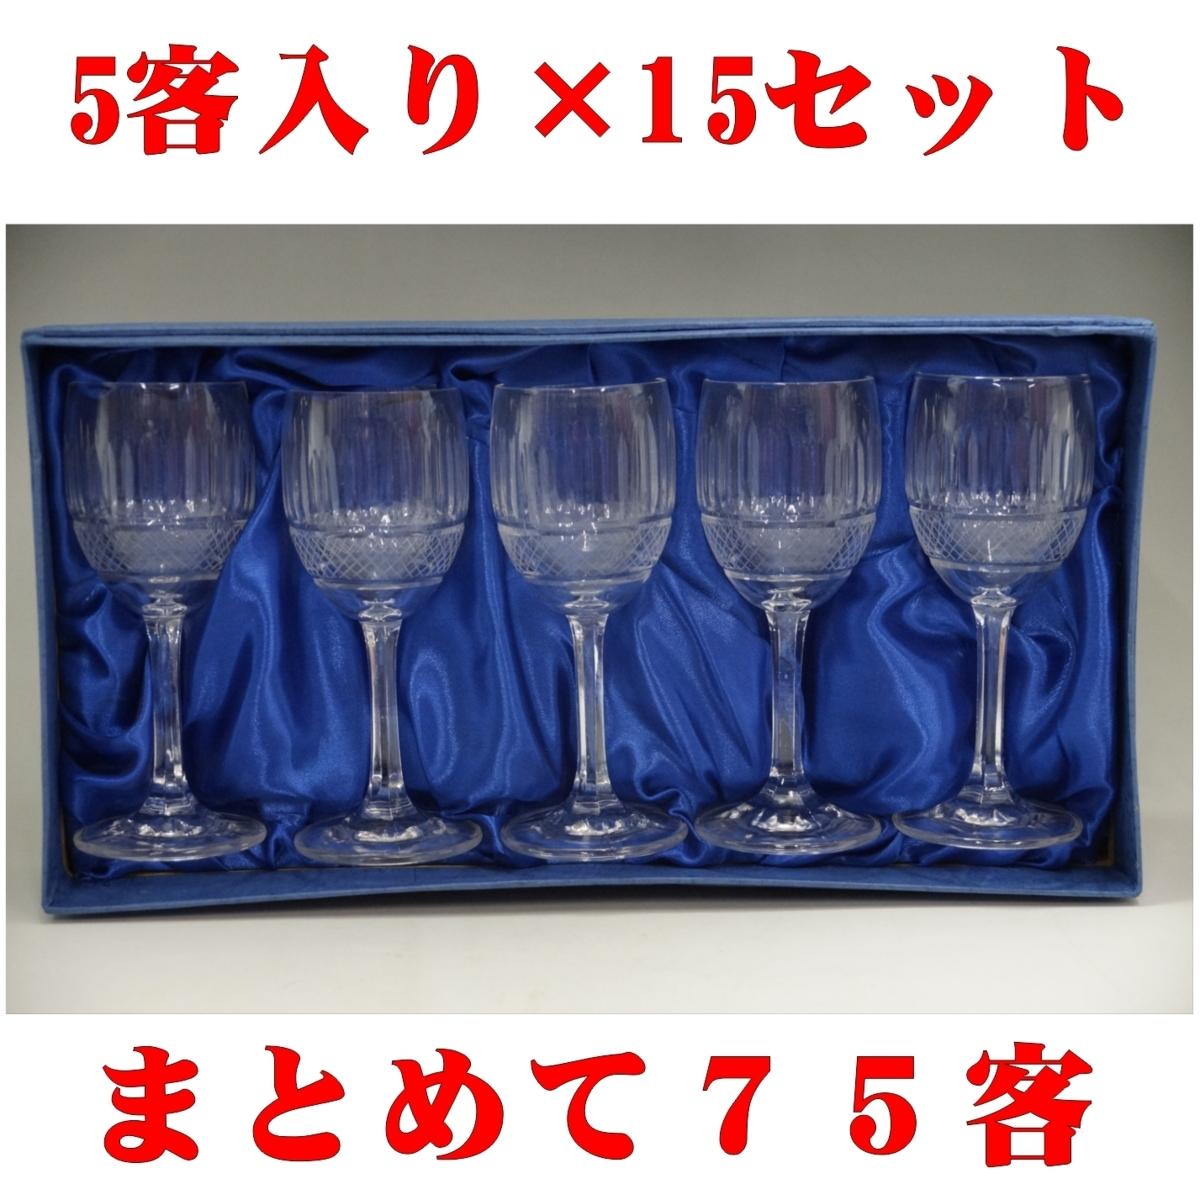 ★【新品・未使用】 高級切子 ワイングラス 透明  5客セット×15 75個 コップ  まとめて クリスタルガラス 大量在庫処分_画像1